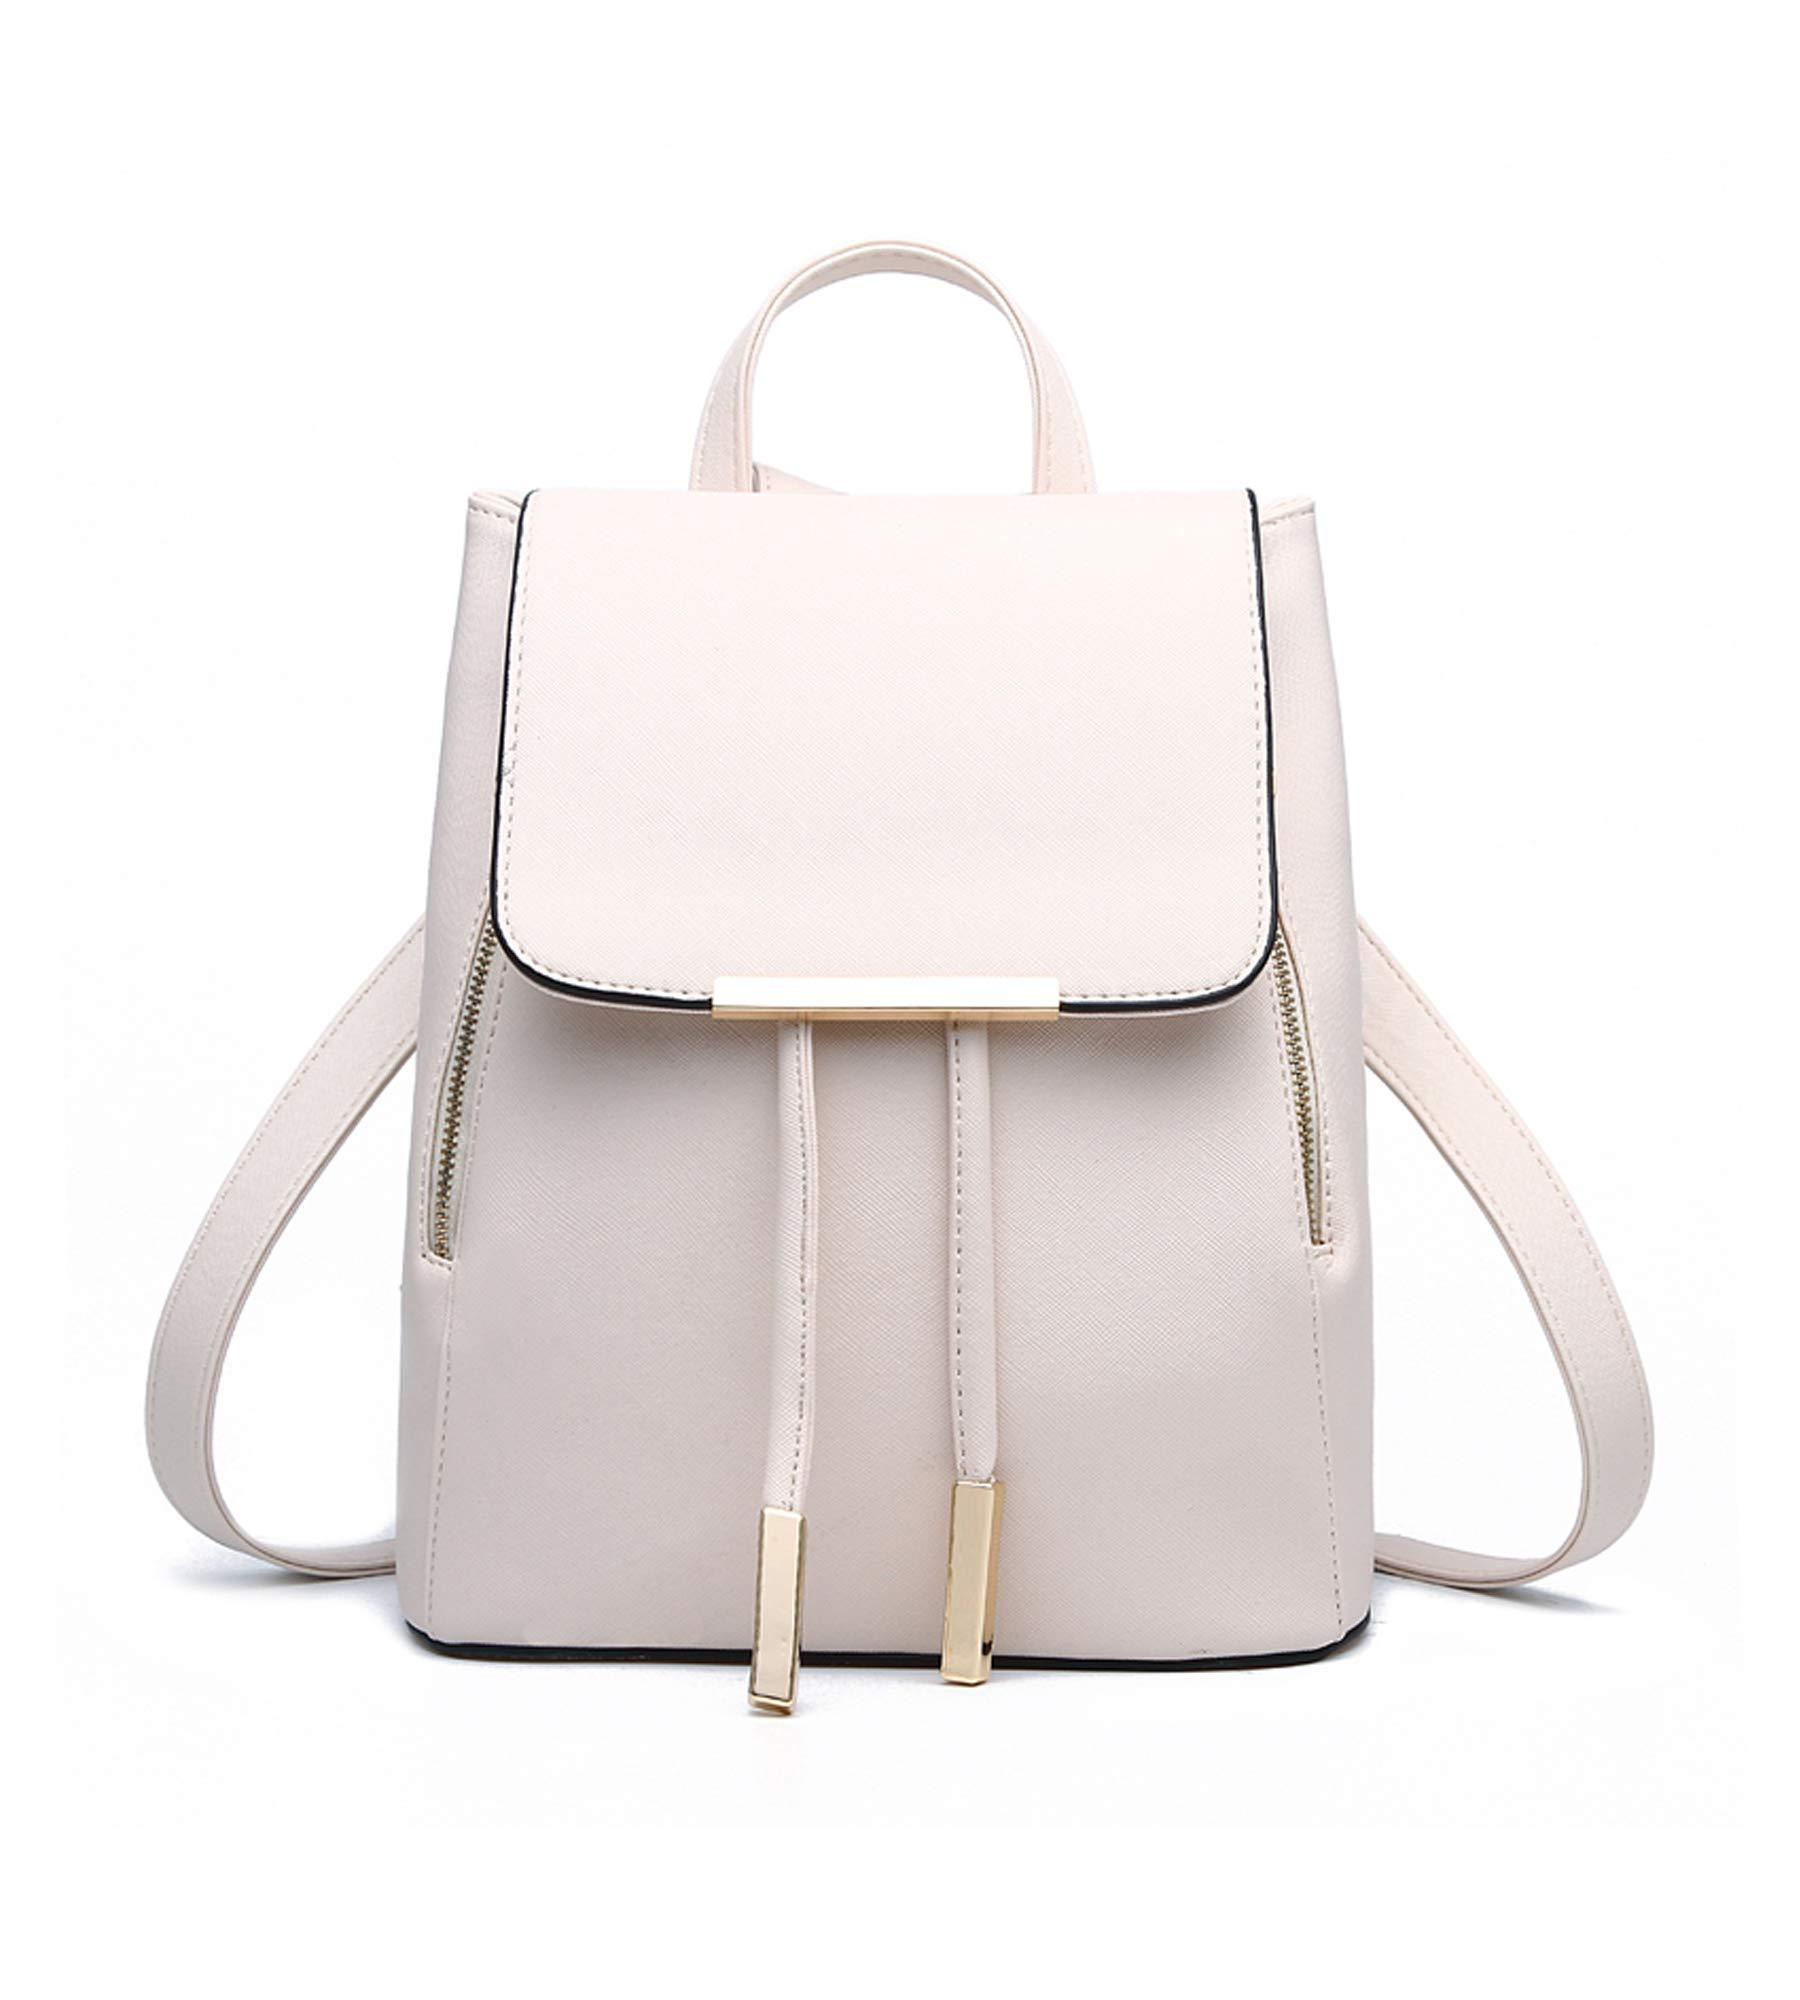 EUPHIE YING Shoulder Bag Rucksack PU Leather Women Girls Ladies Backpack Travel bag, White